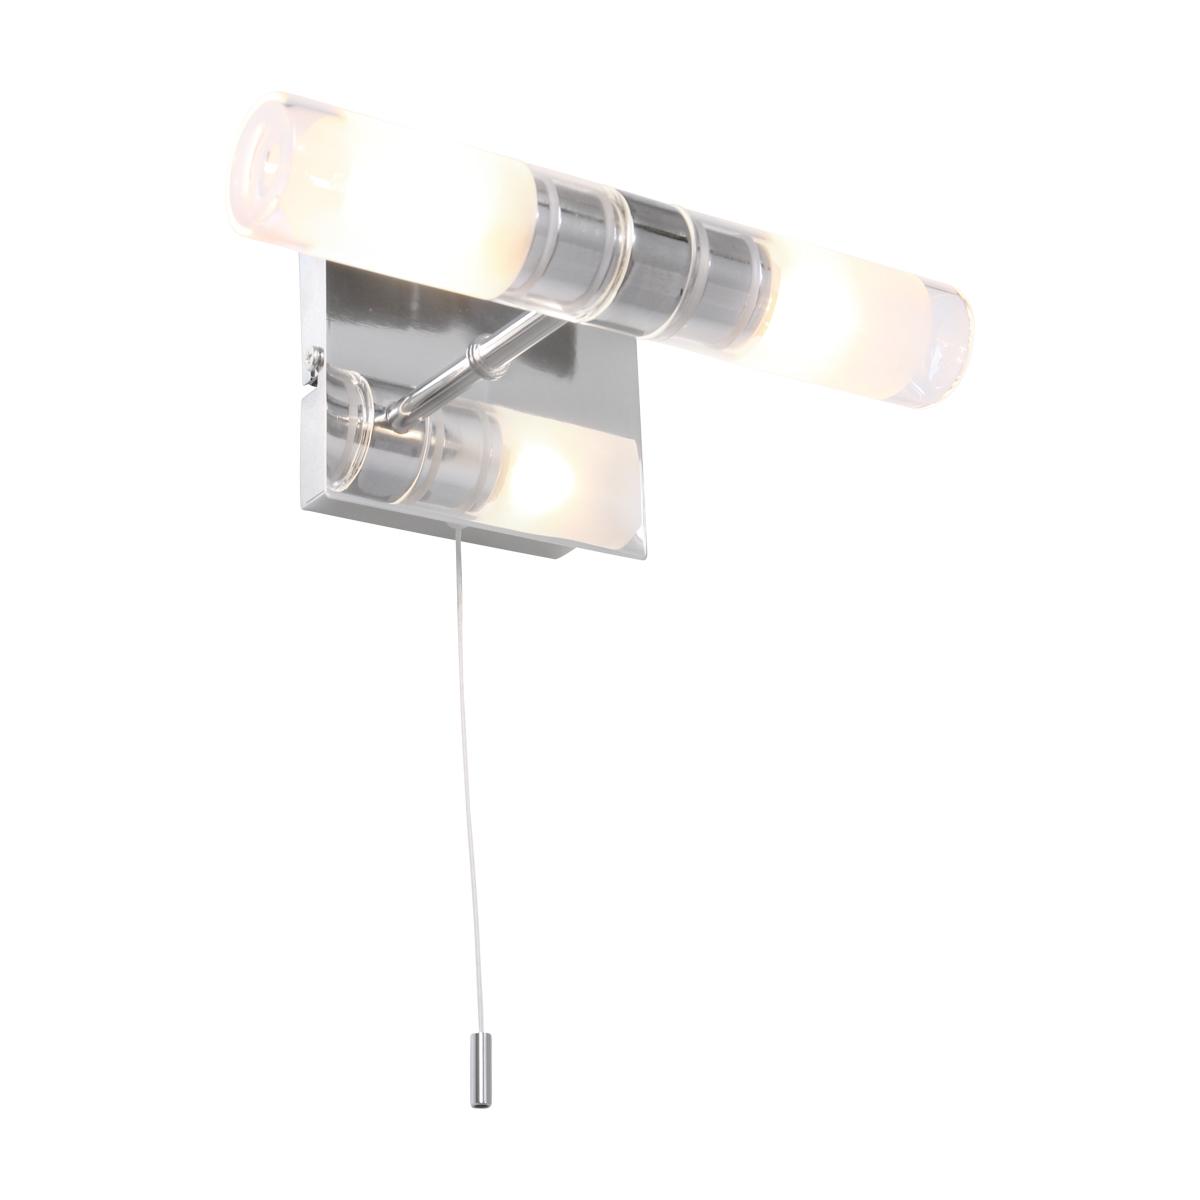 2 Flammige Led Wandleuchte Mit Zugschalter Badezimmer Geeignet Ip44 Silber Aus Chrom Und Glas Inkl Led 2x 5w Wohnlicht